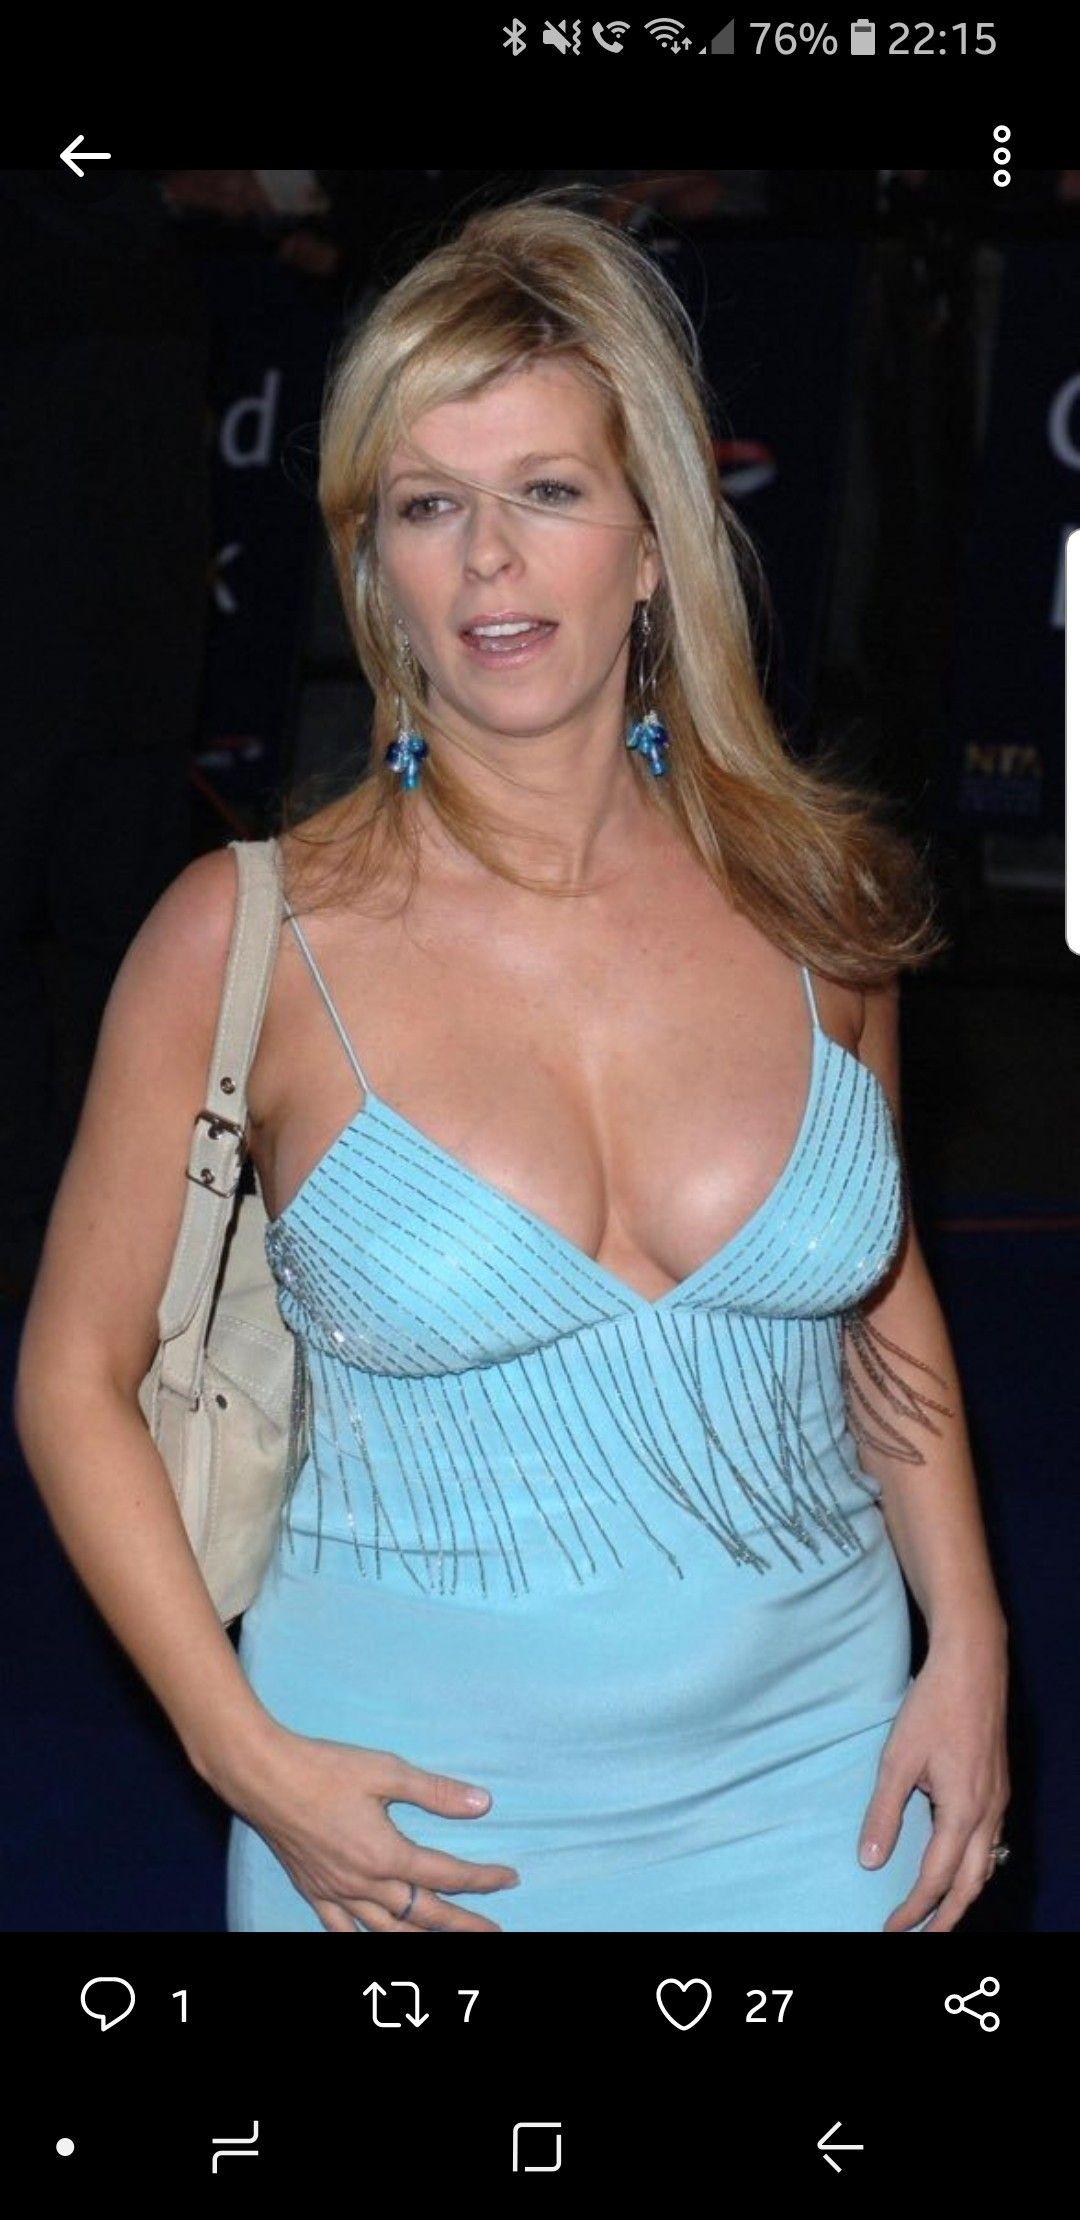 Kate england nipple slip nude (36 pic)